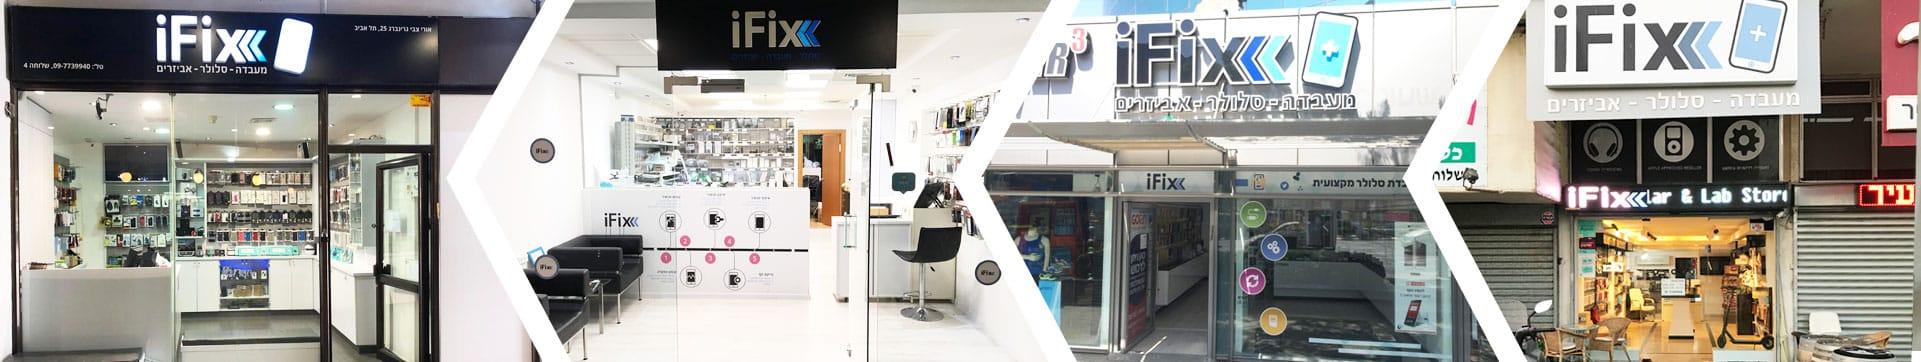 מעבדת סלולר ifix